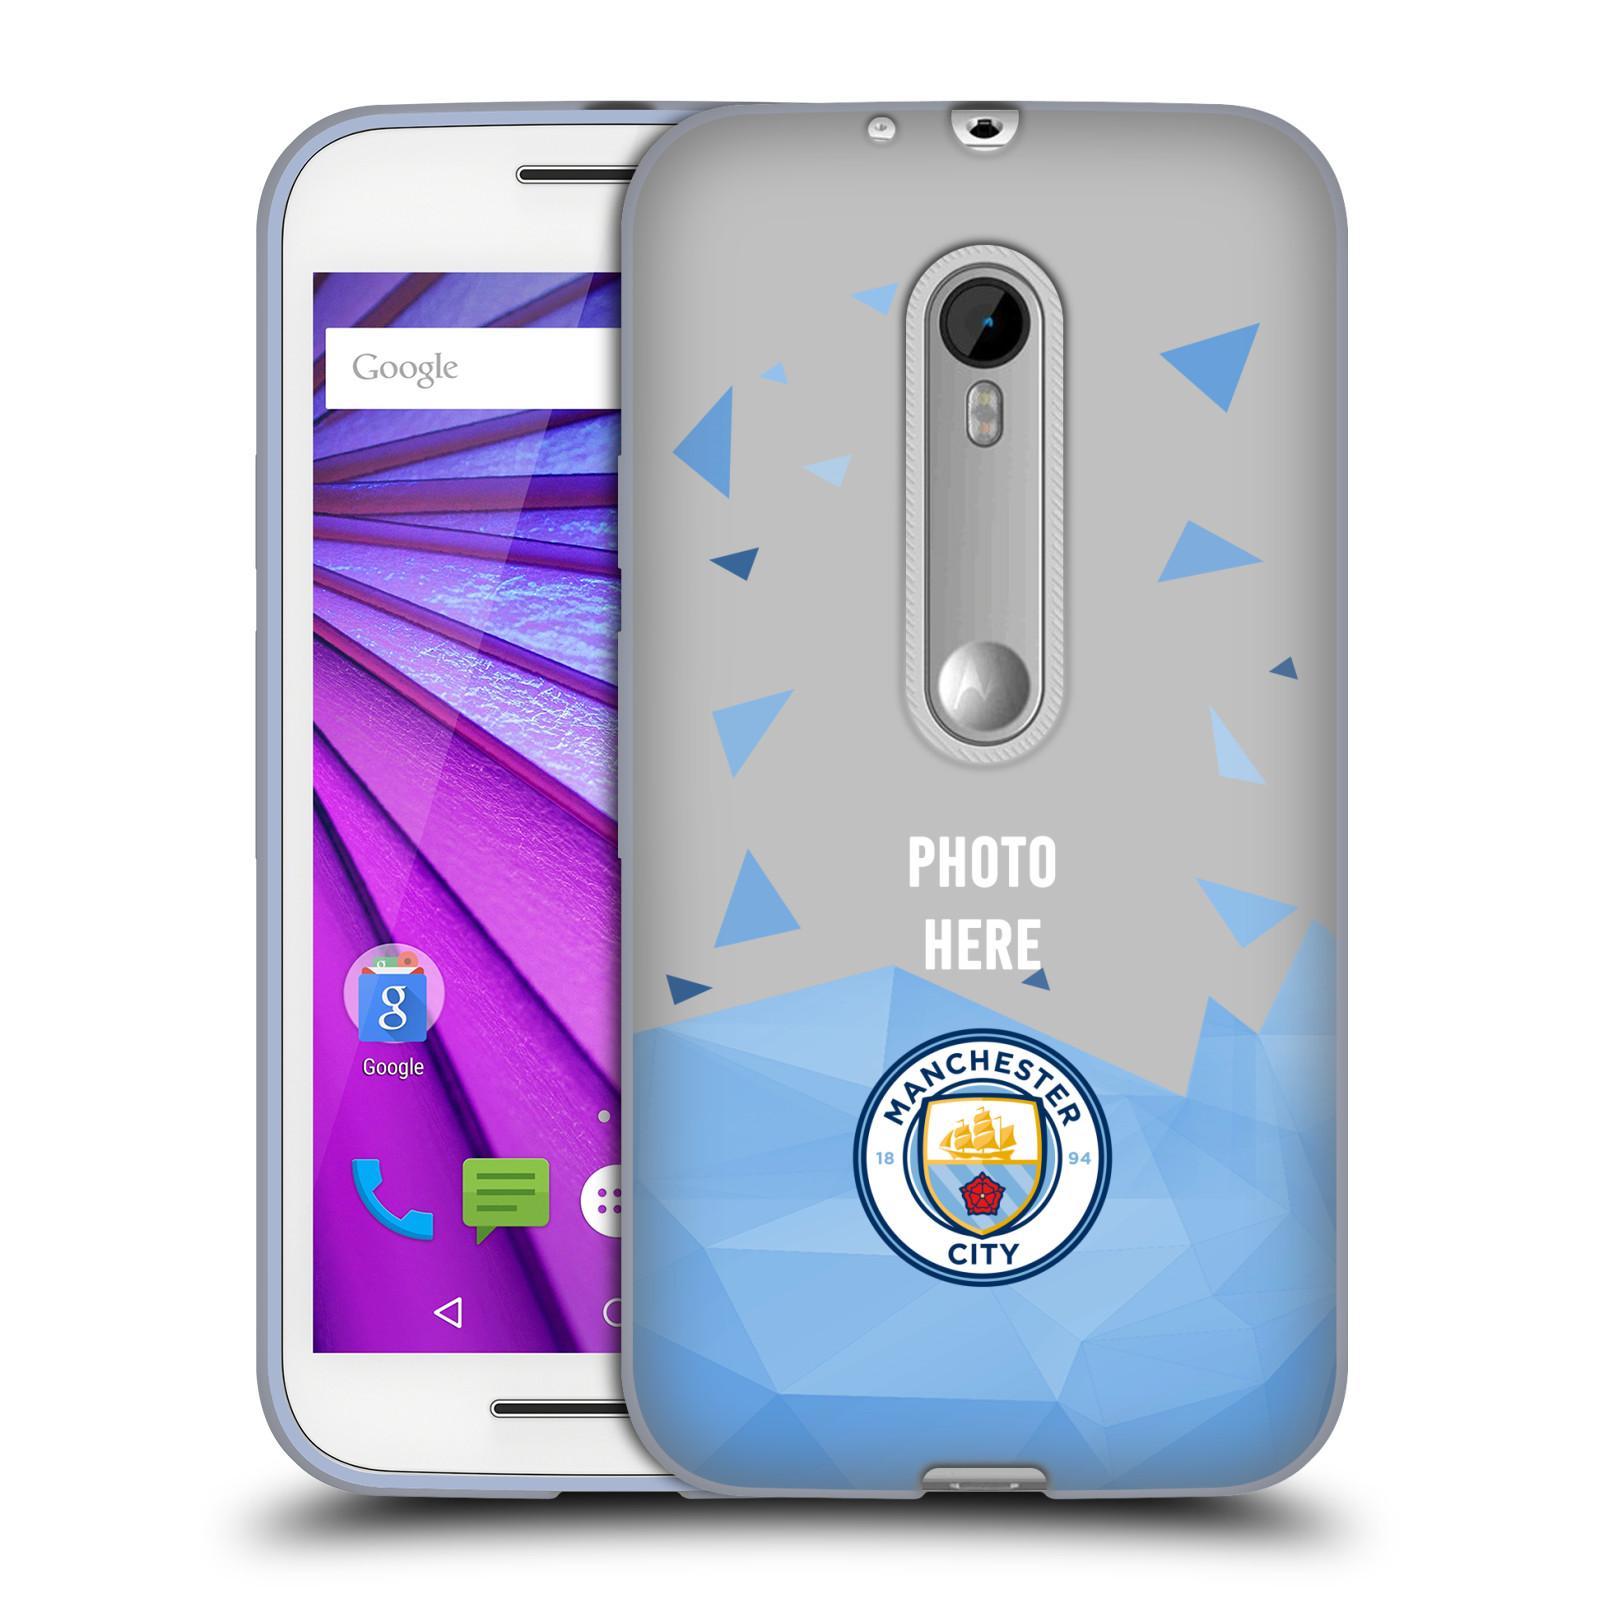 CUSTOM-MANCHESTER-CITY-FC-2017-18-LOGO-amp-KIT-SOFT-GEL-CASE-FOR-MOTOROLA-PHONES-2